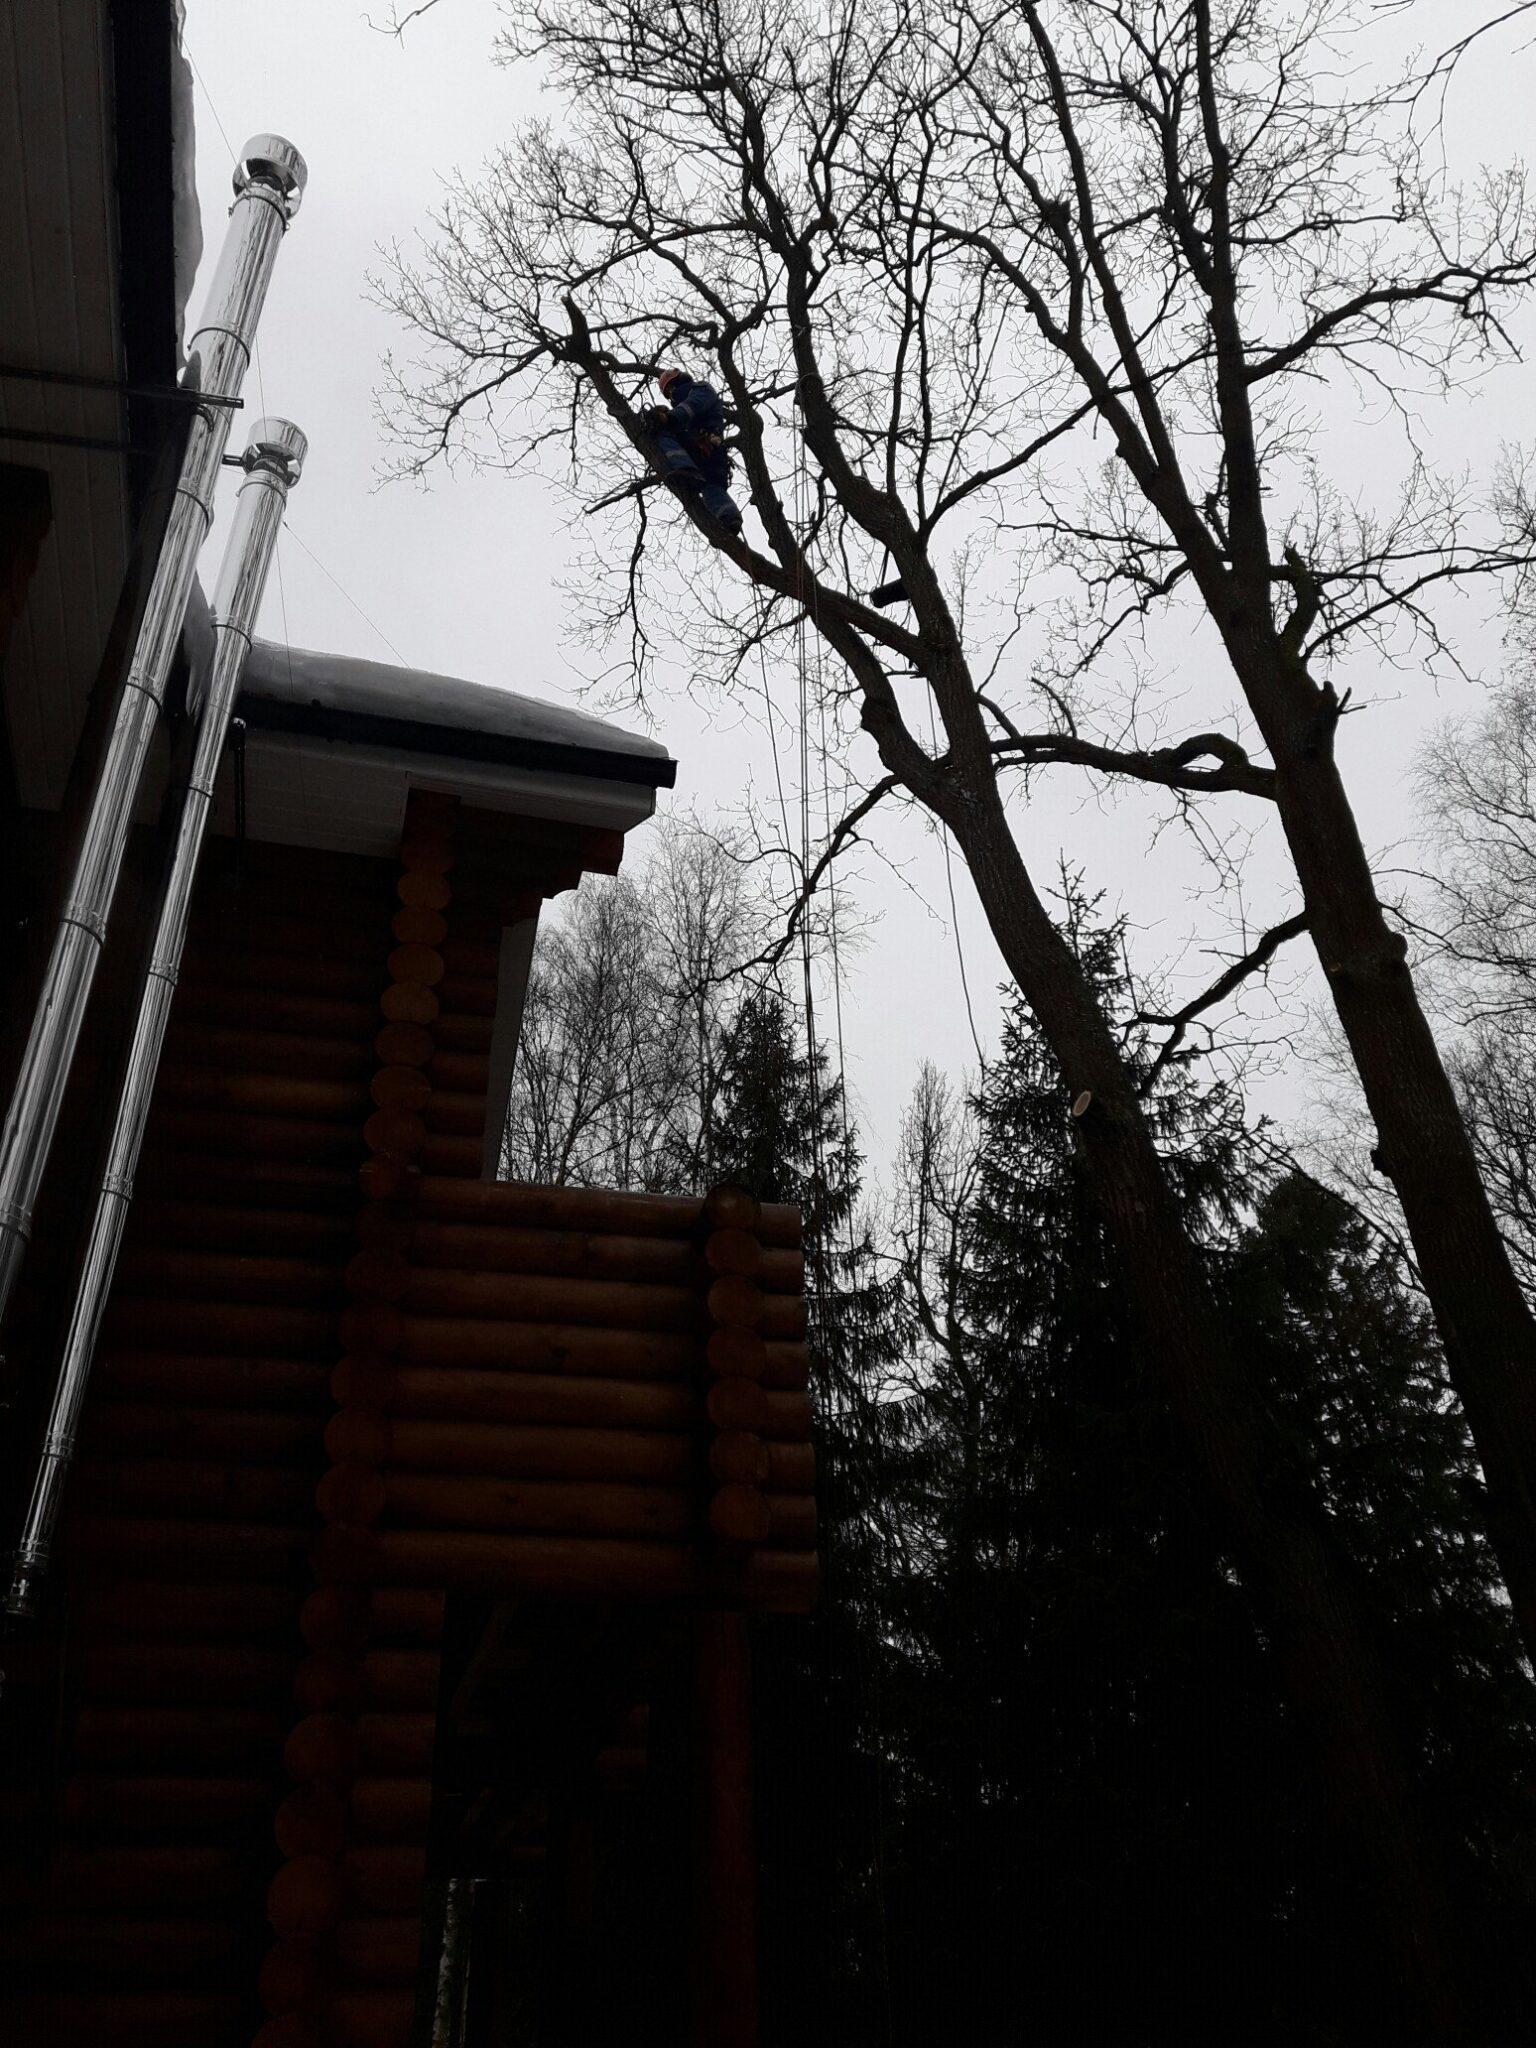 Удаление и обрезка деревьев Дубы Софрино, Пушкинский район